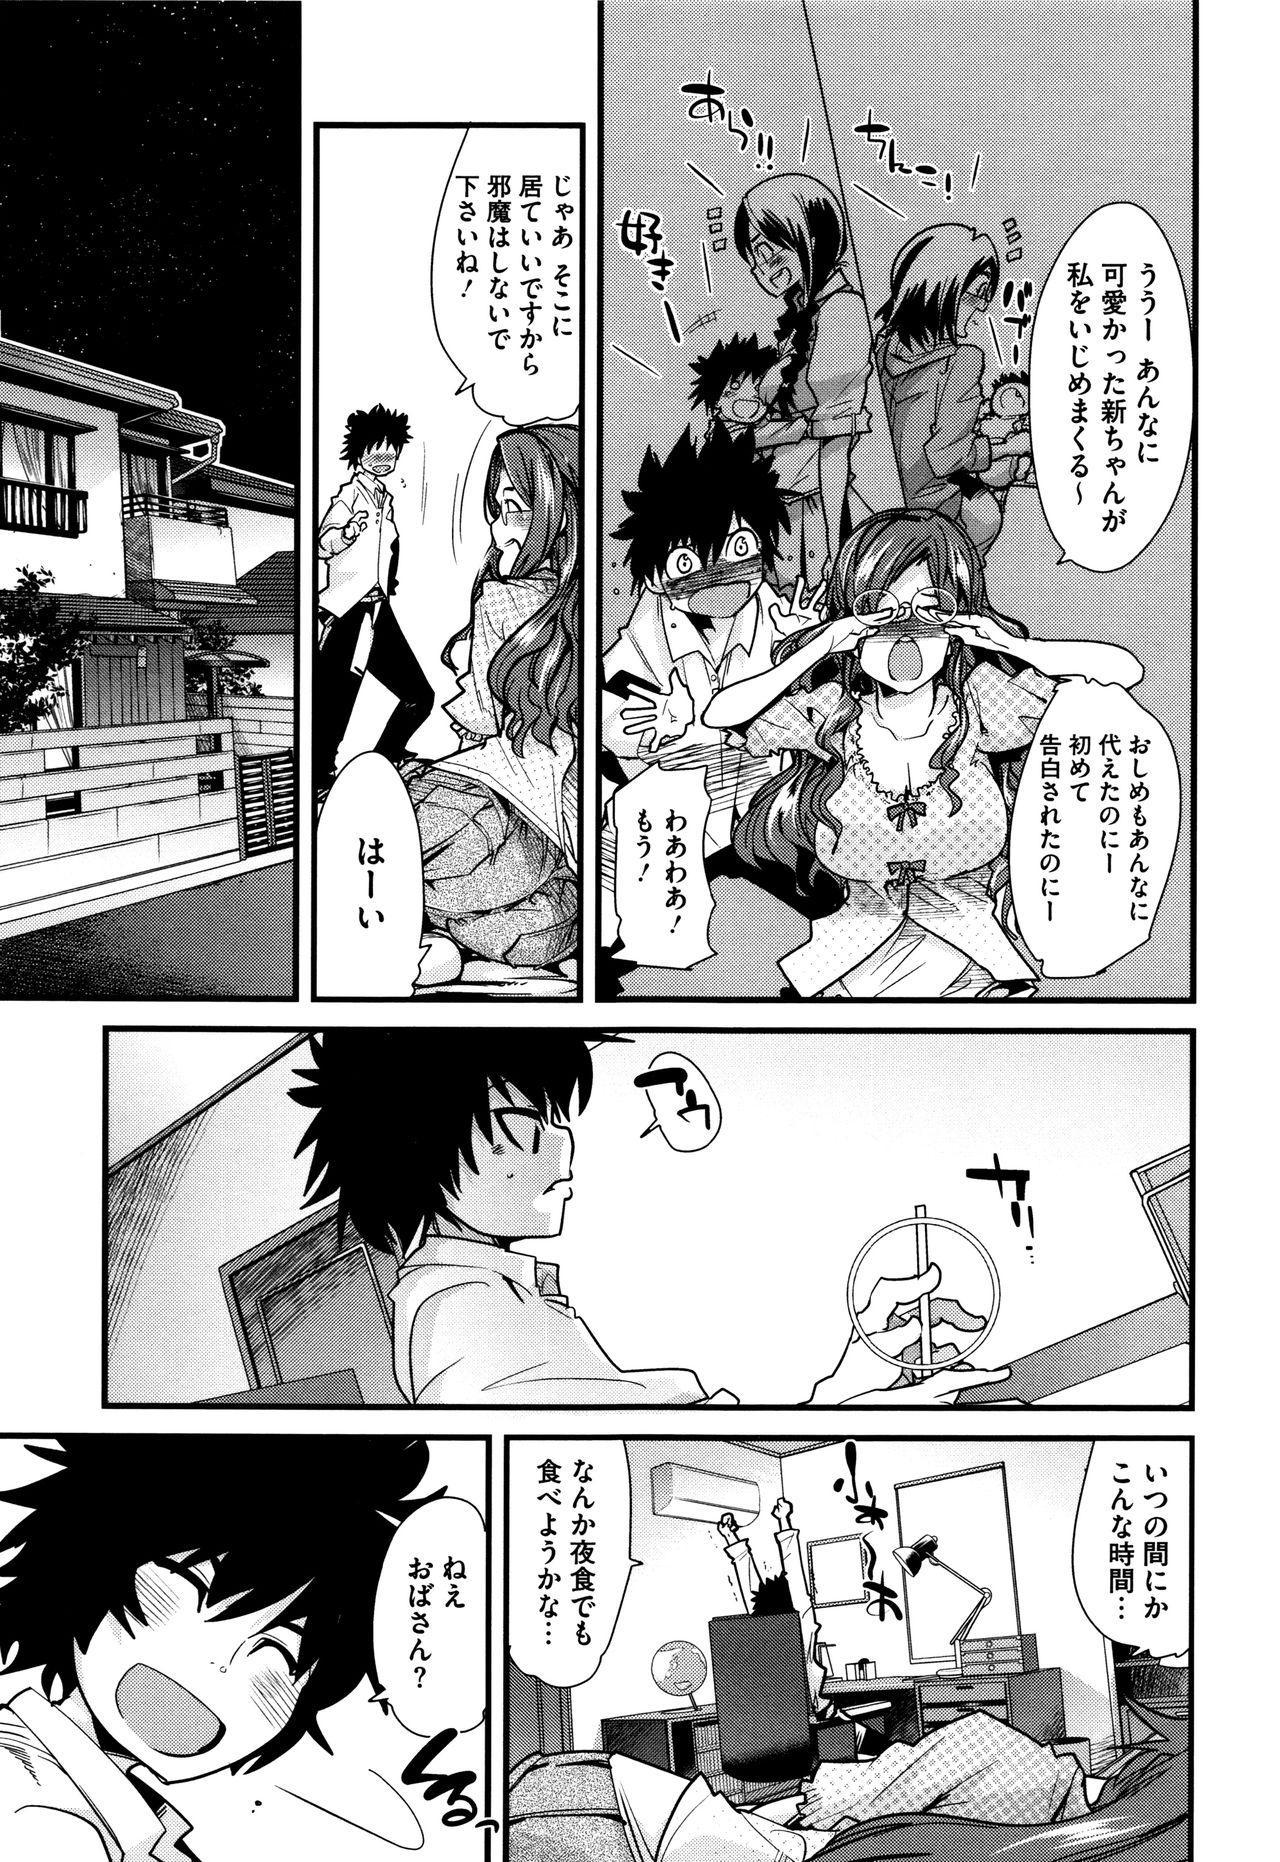 Setsuzoku Sareta Onna 129